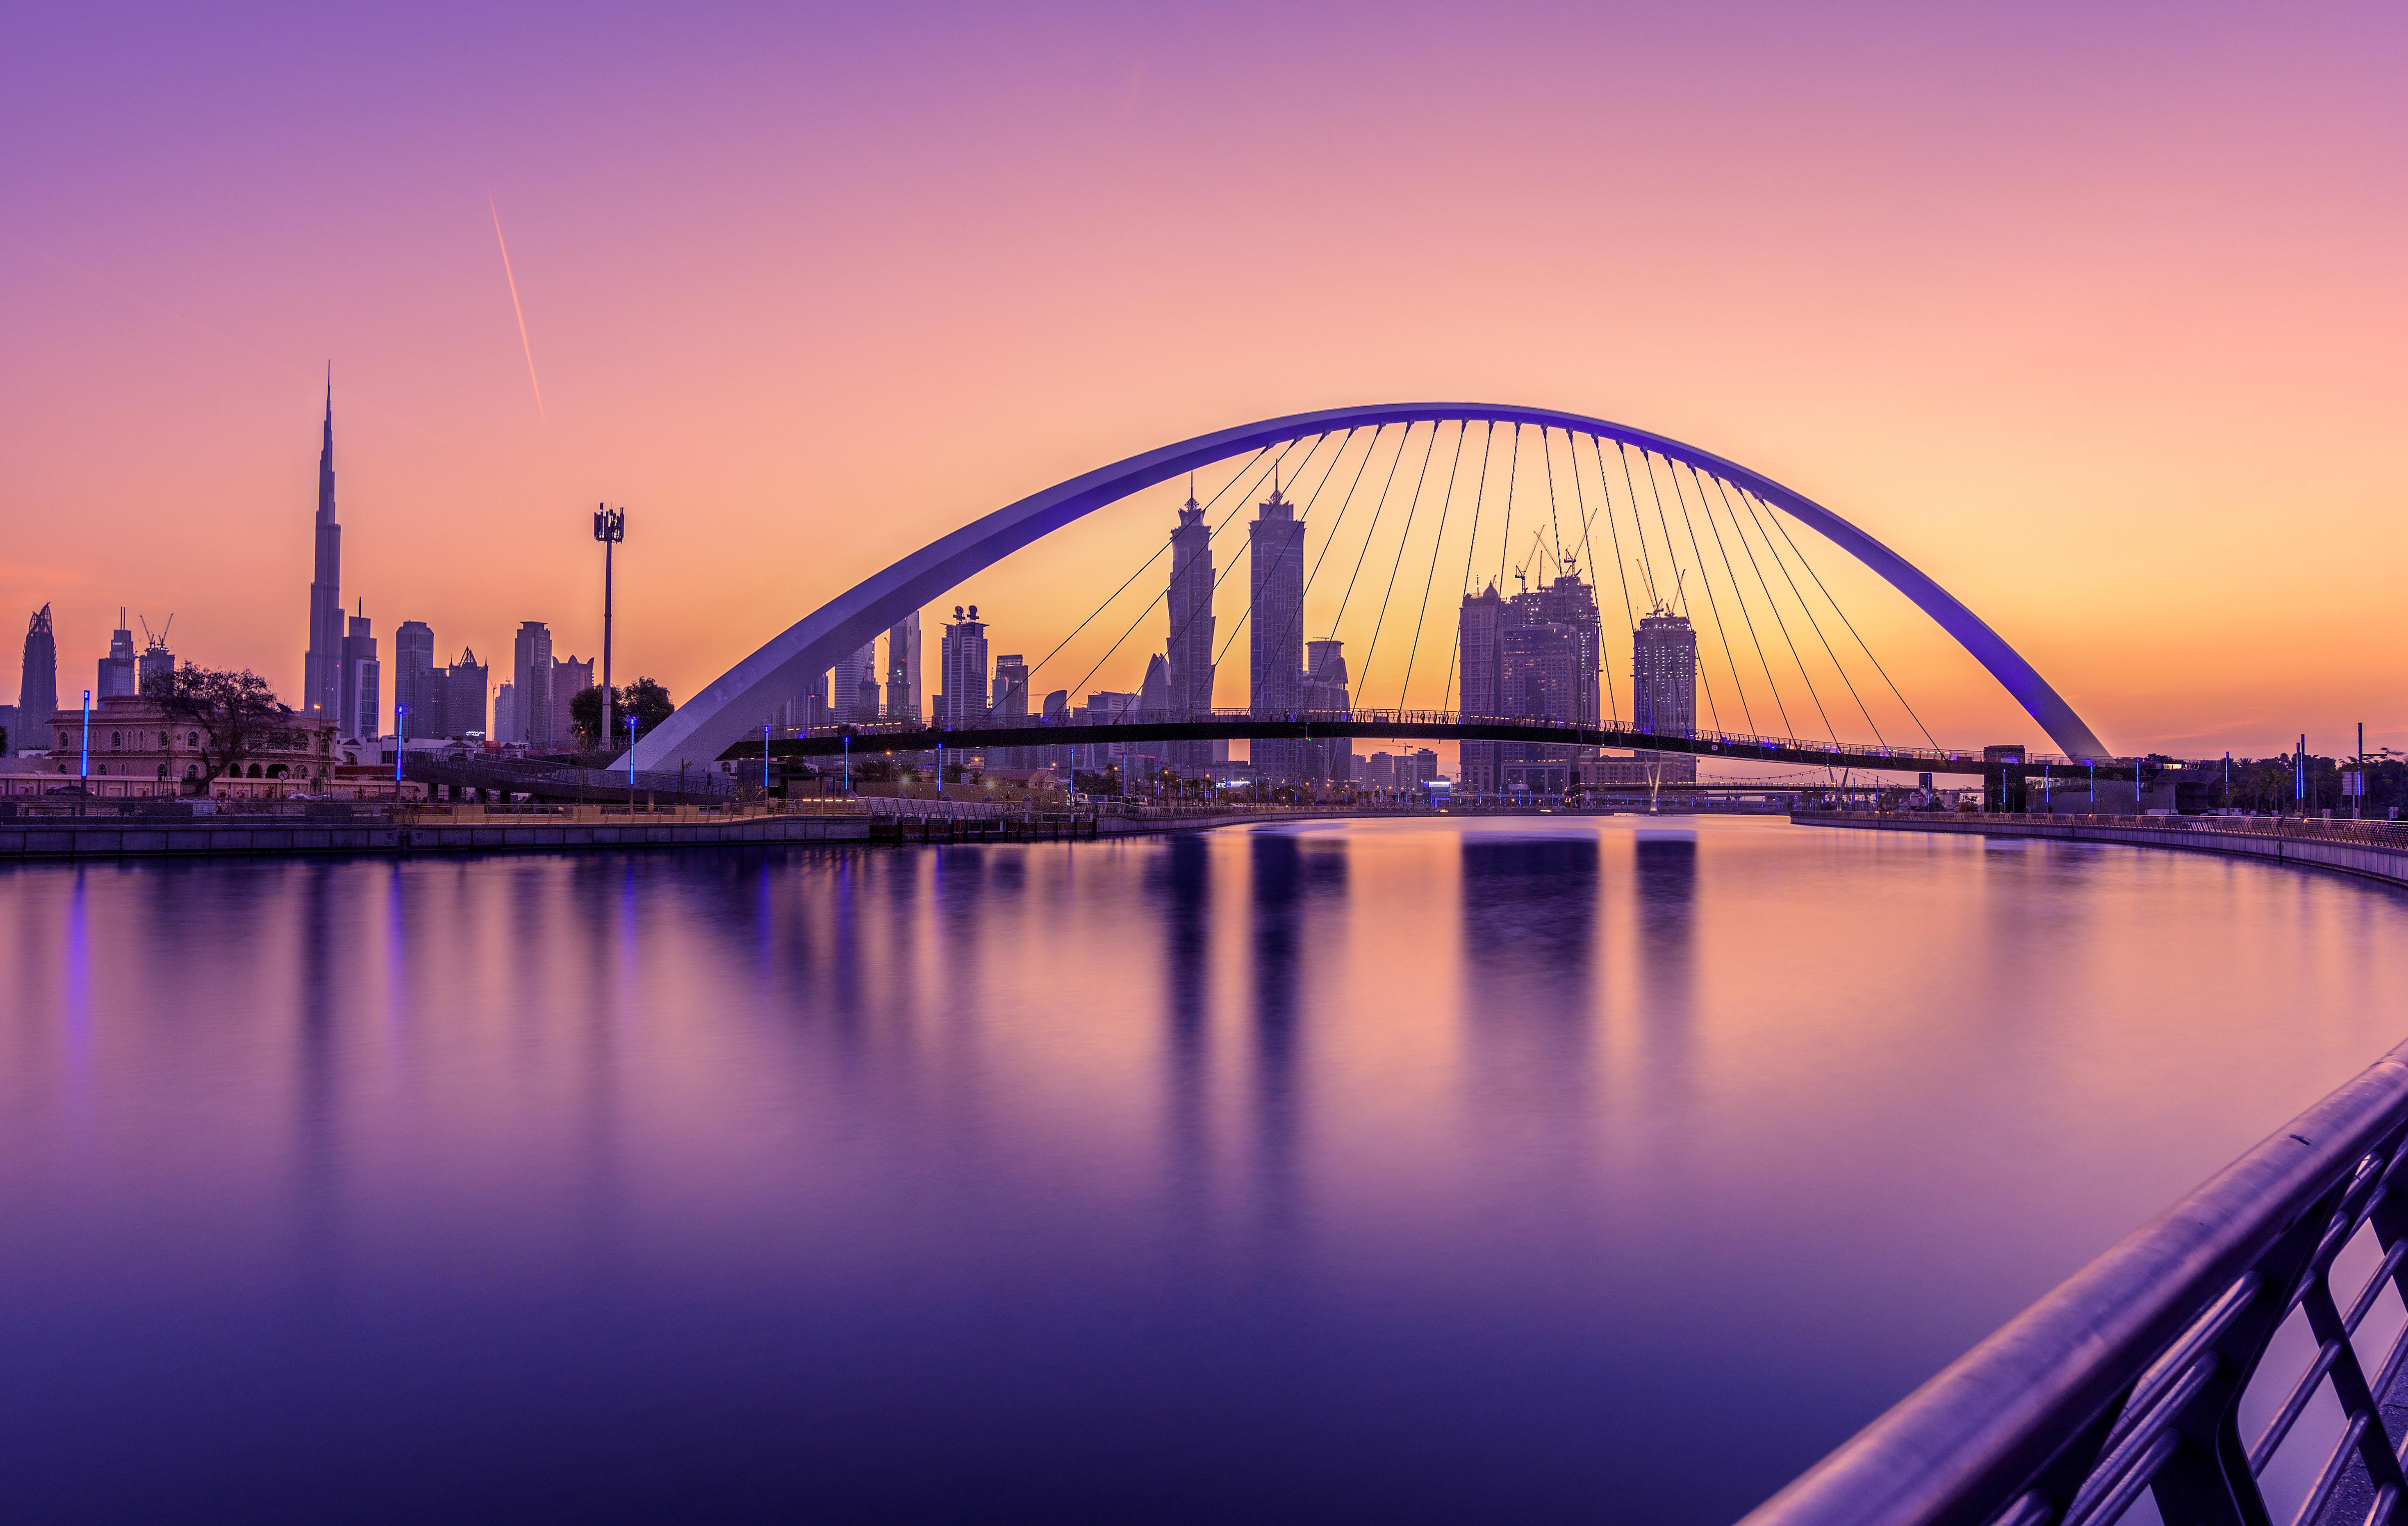 Emirates Holidays' skandinaviske rejsebureau i København sælger i første omgang kun rejser til Dubai, fotoet, og andre emirater i De forenede arabiske Emirater. Senere kommer rejser til andre dele af flyselskabet Emirates' globale rutenetværk. Pressefoto: Emirates Holidays.